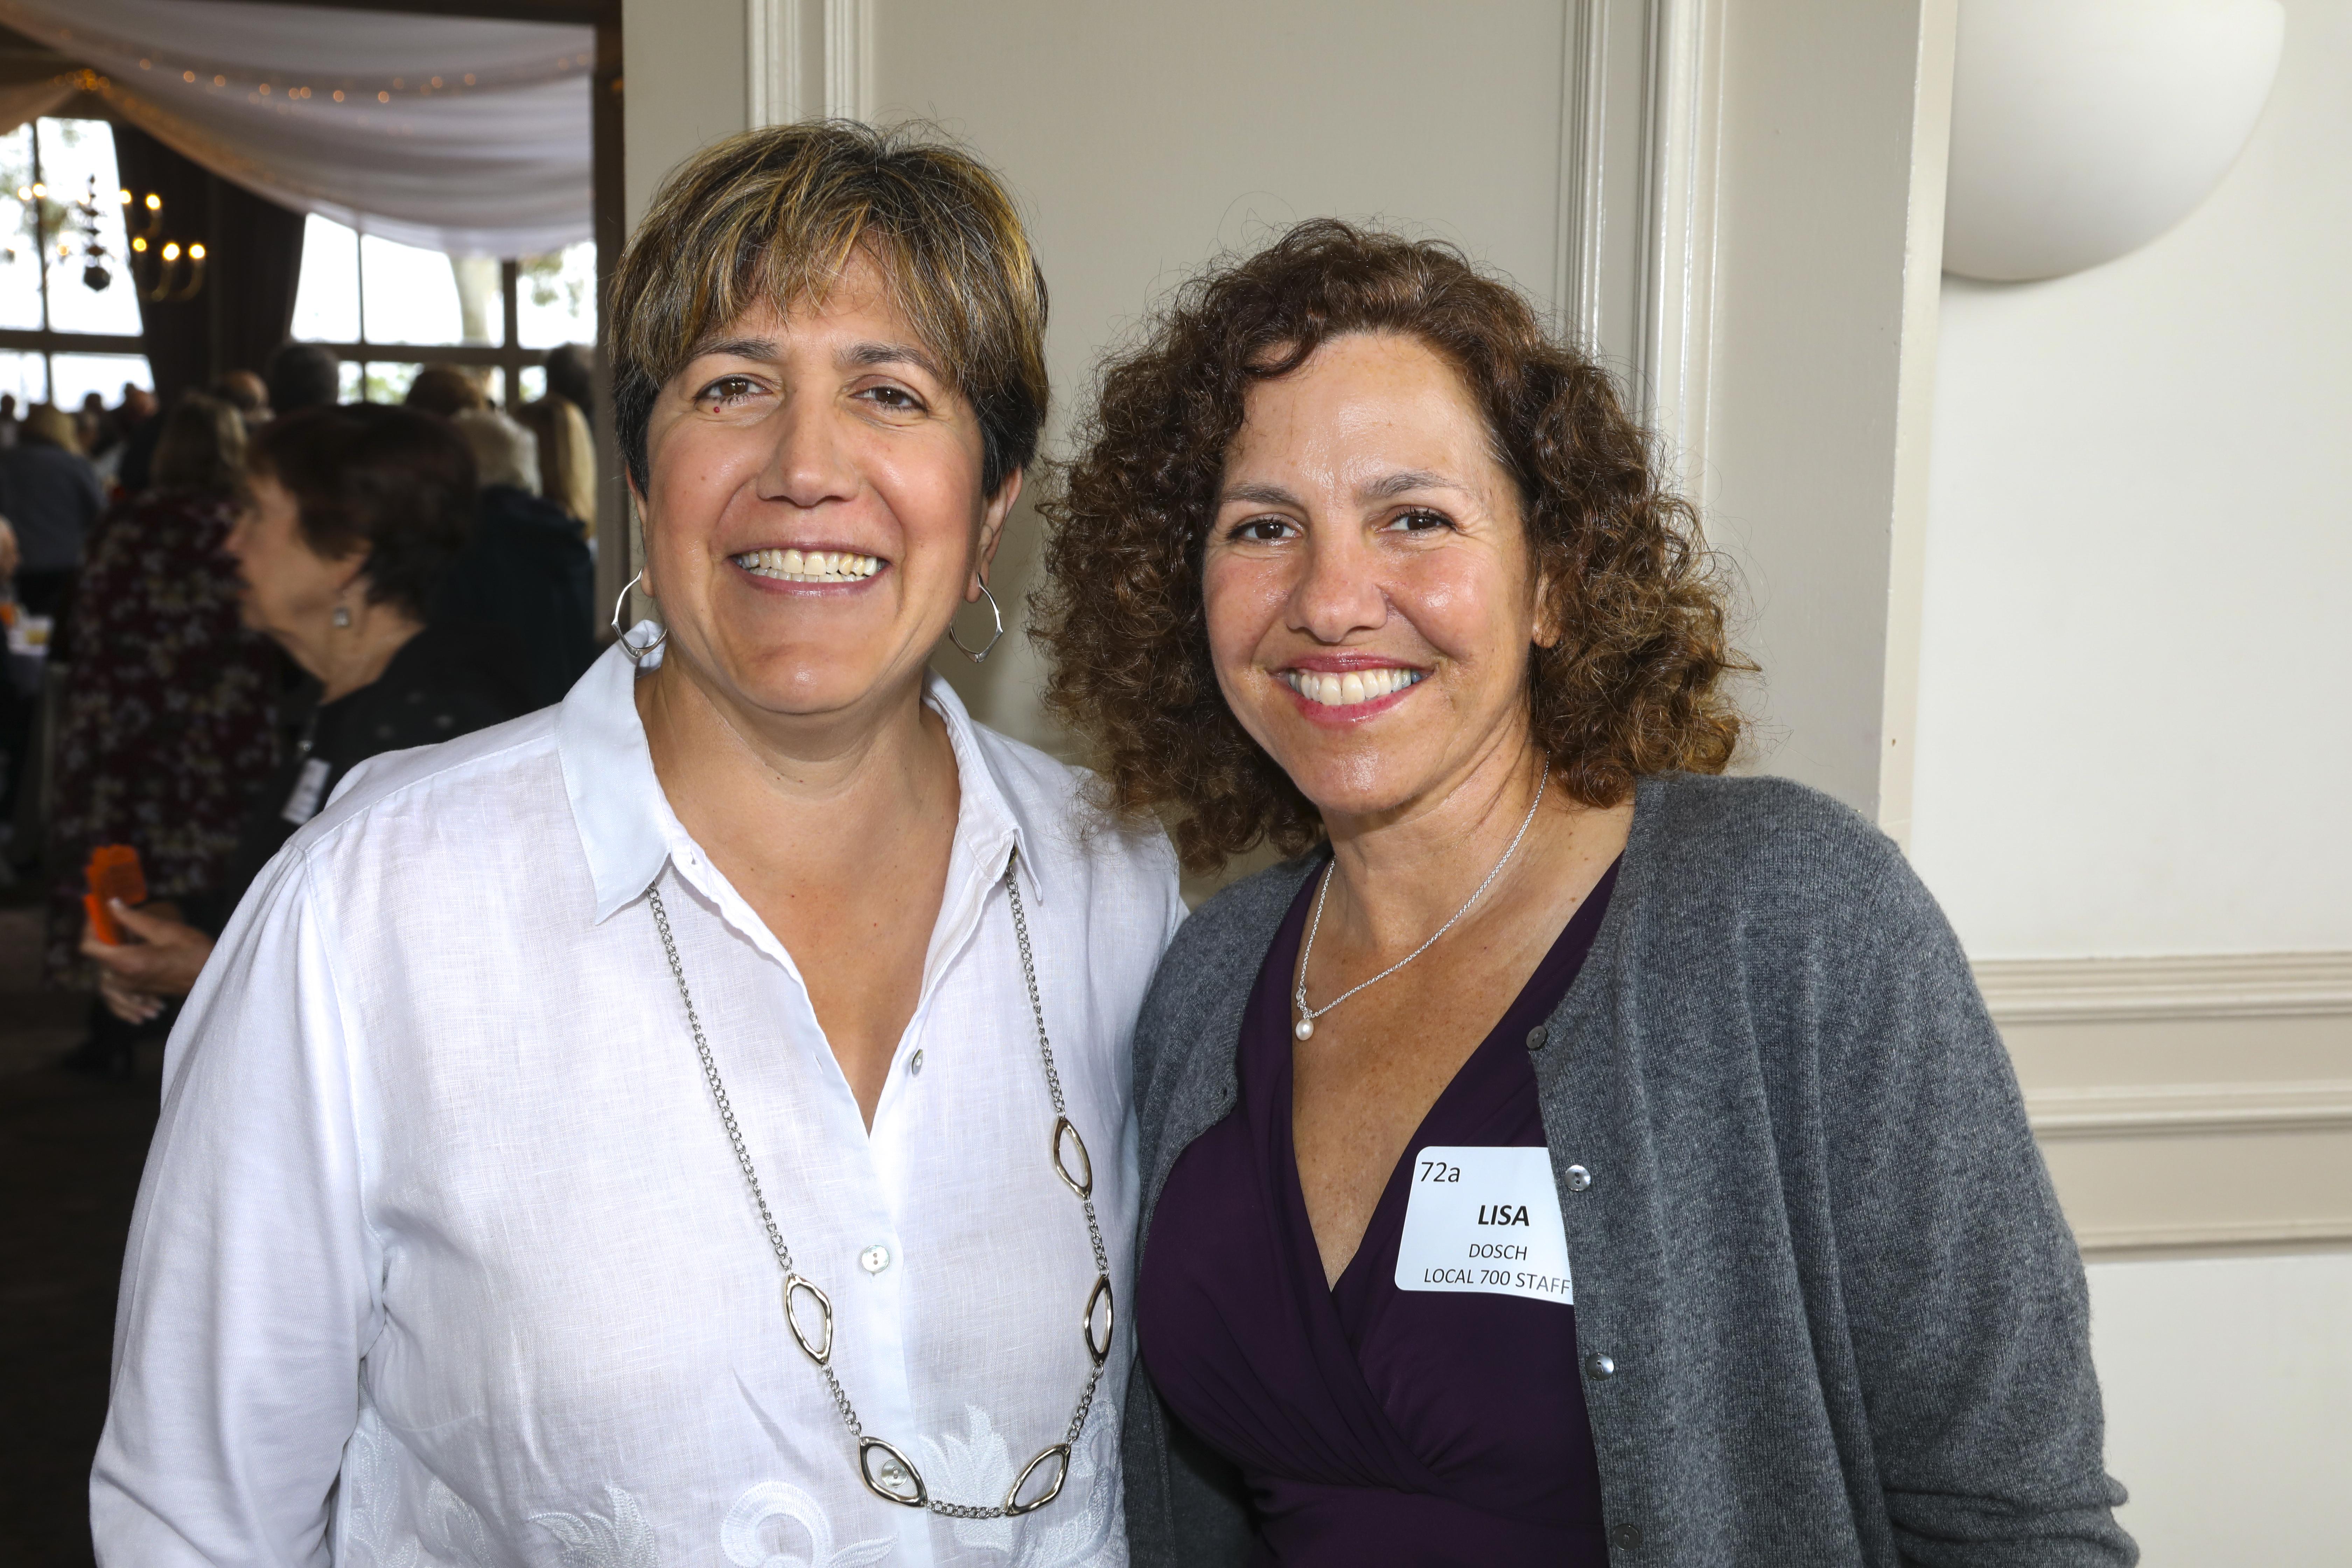 Cathy Repola, Lisa Dosch